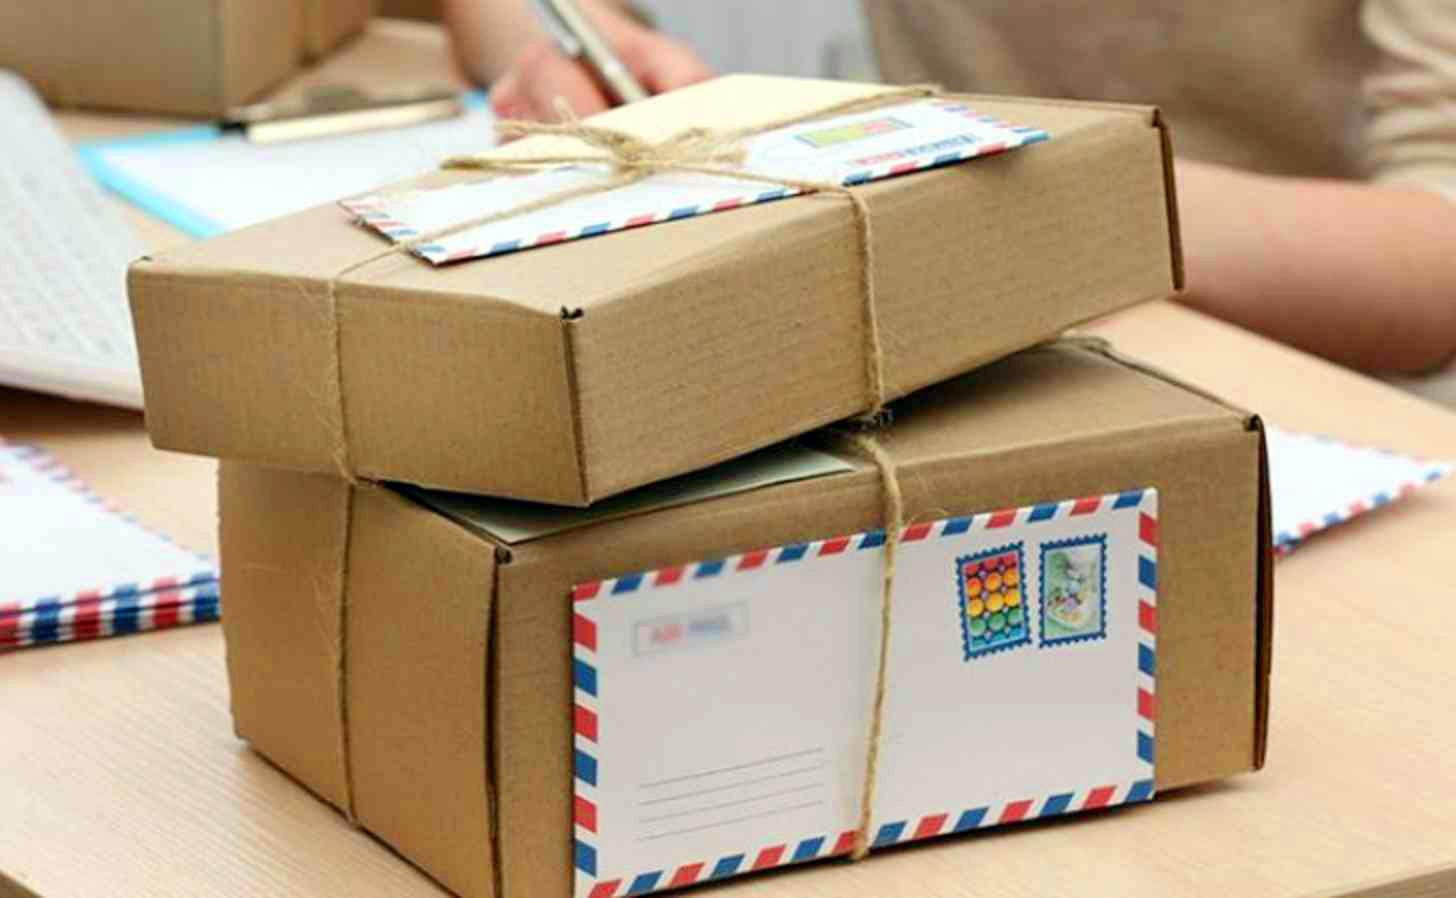 الطرود البريدية